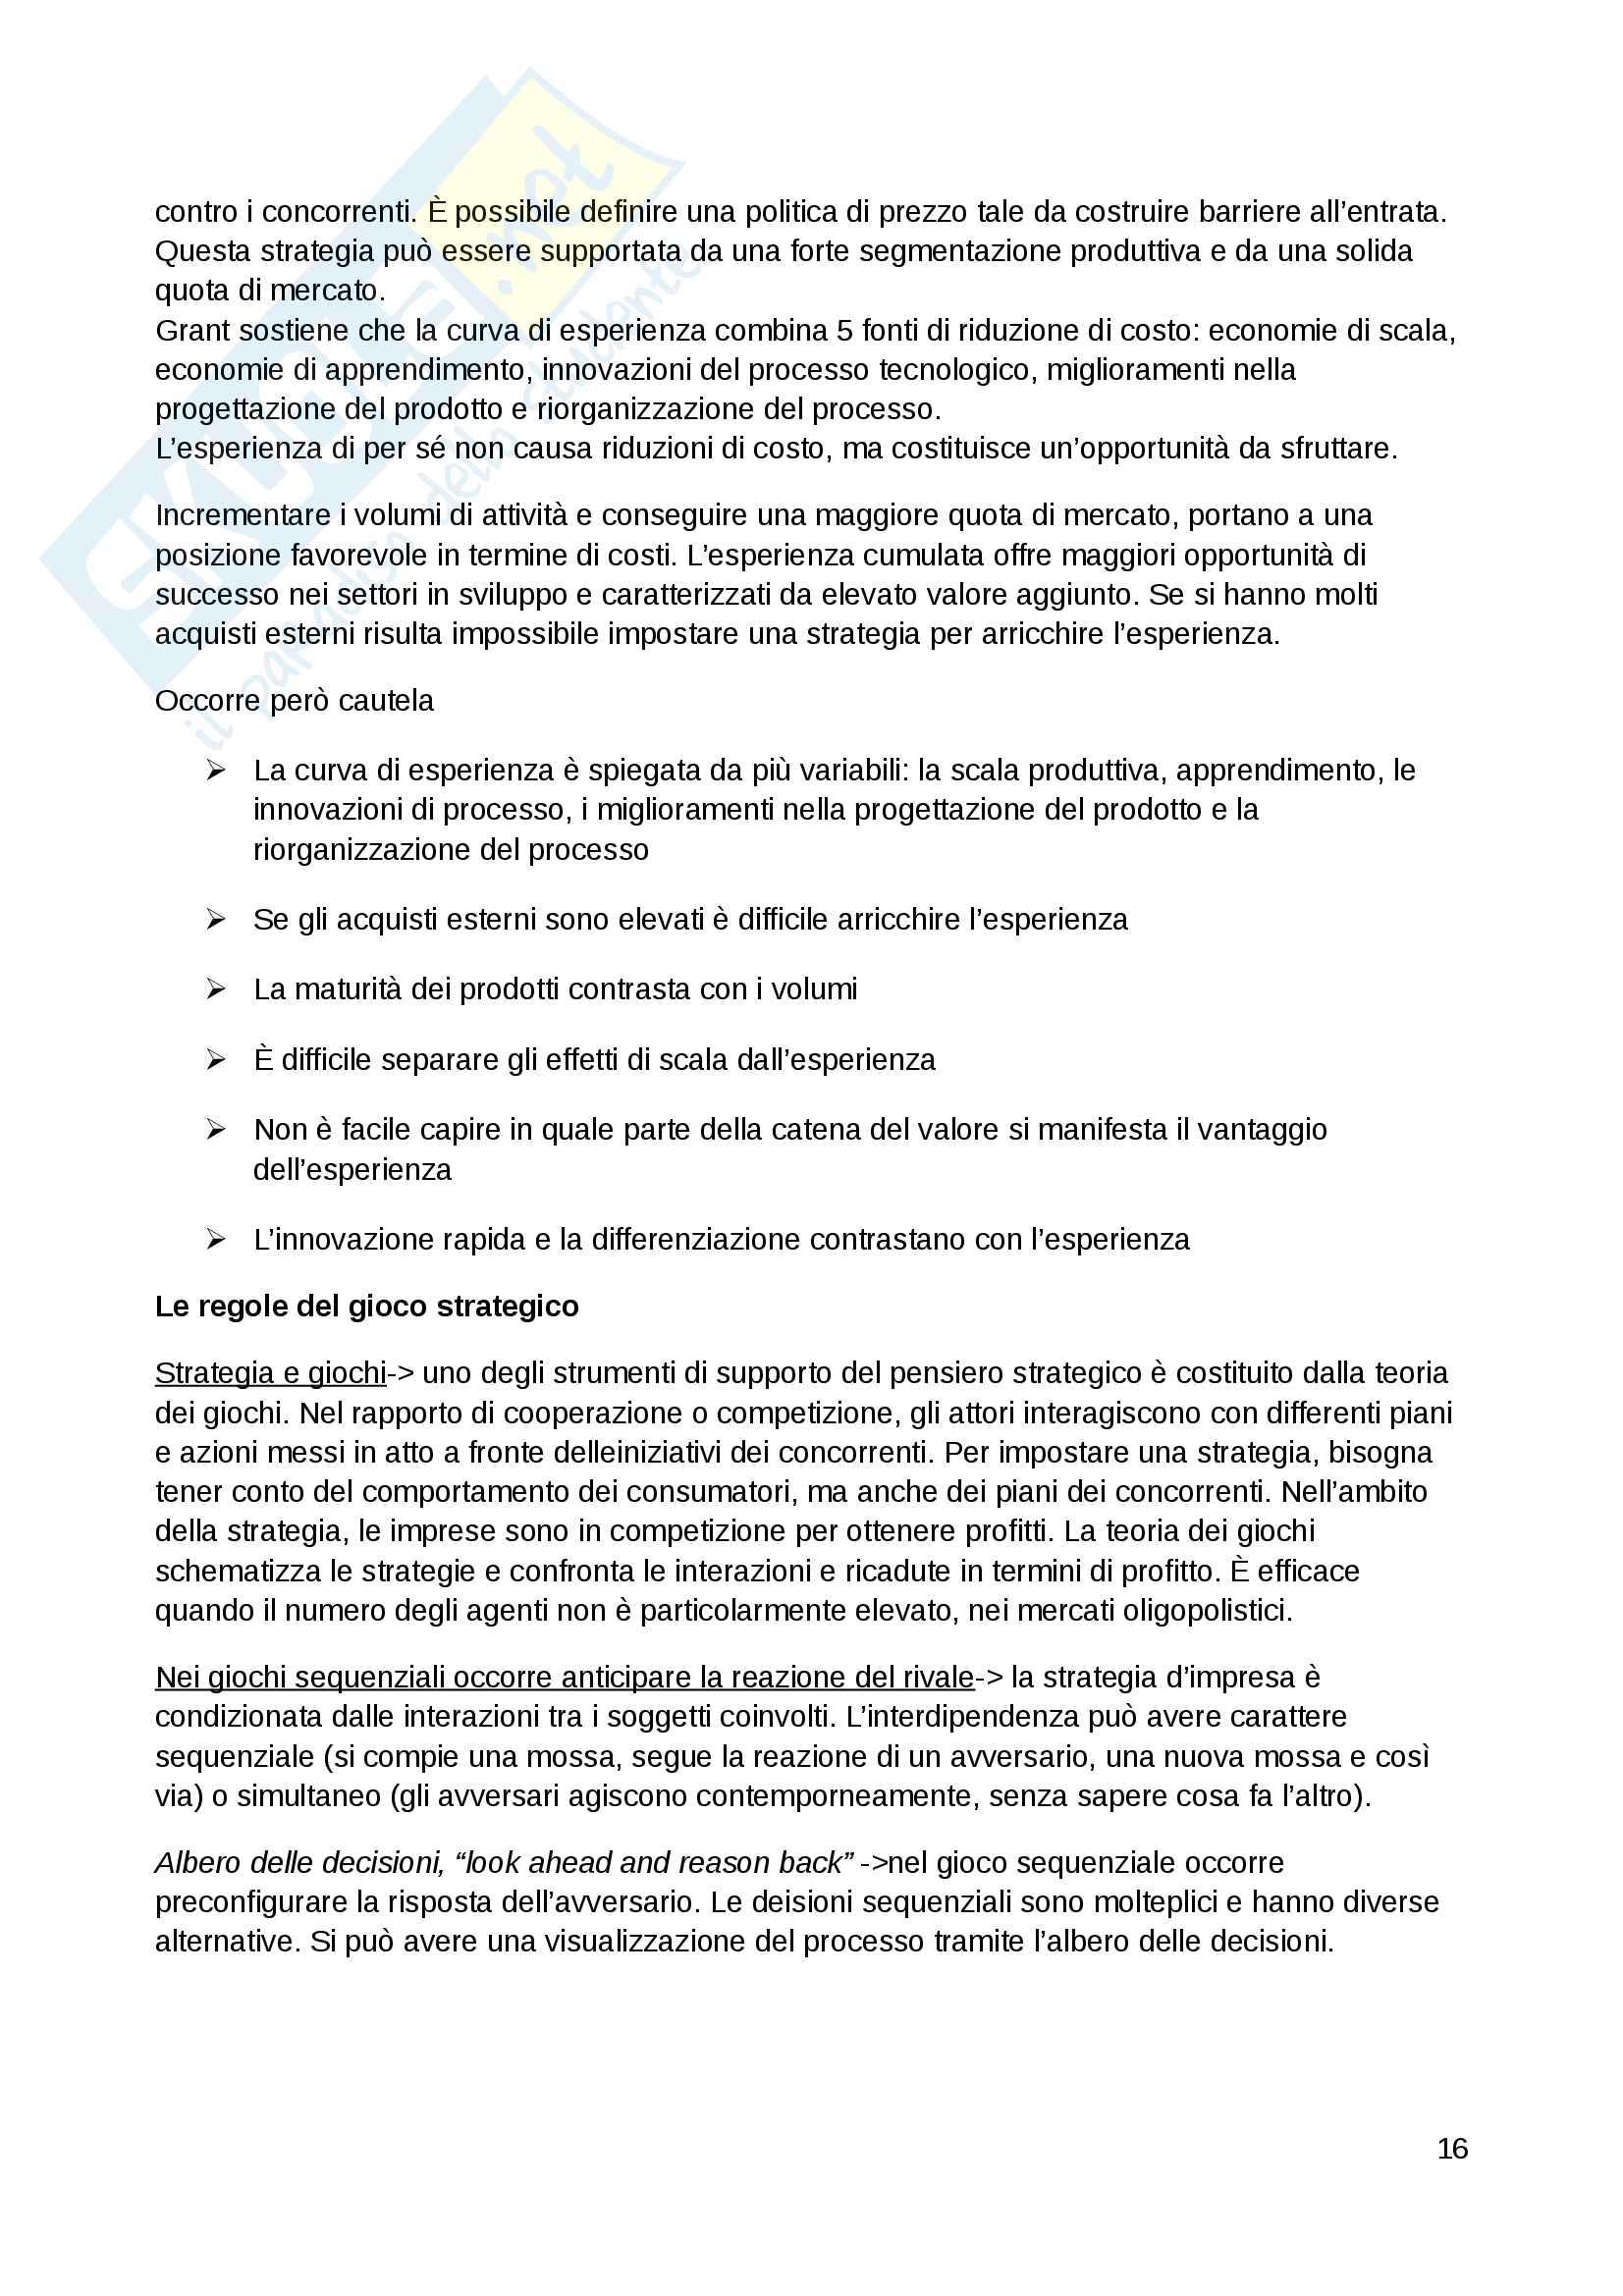 economia e gestione delle imprese Pag. 16